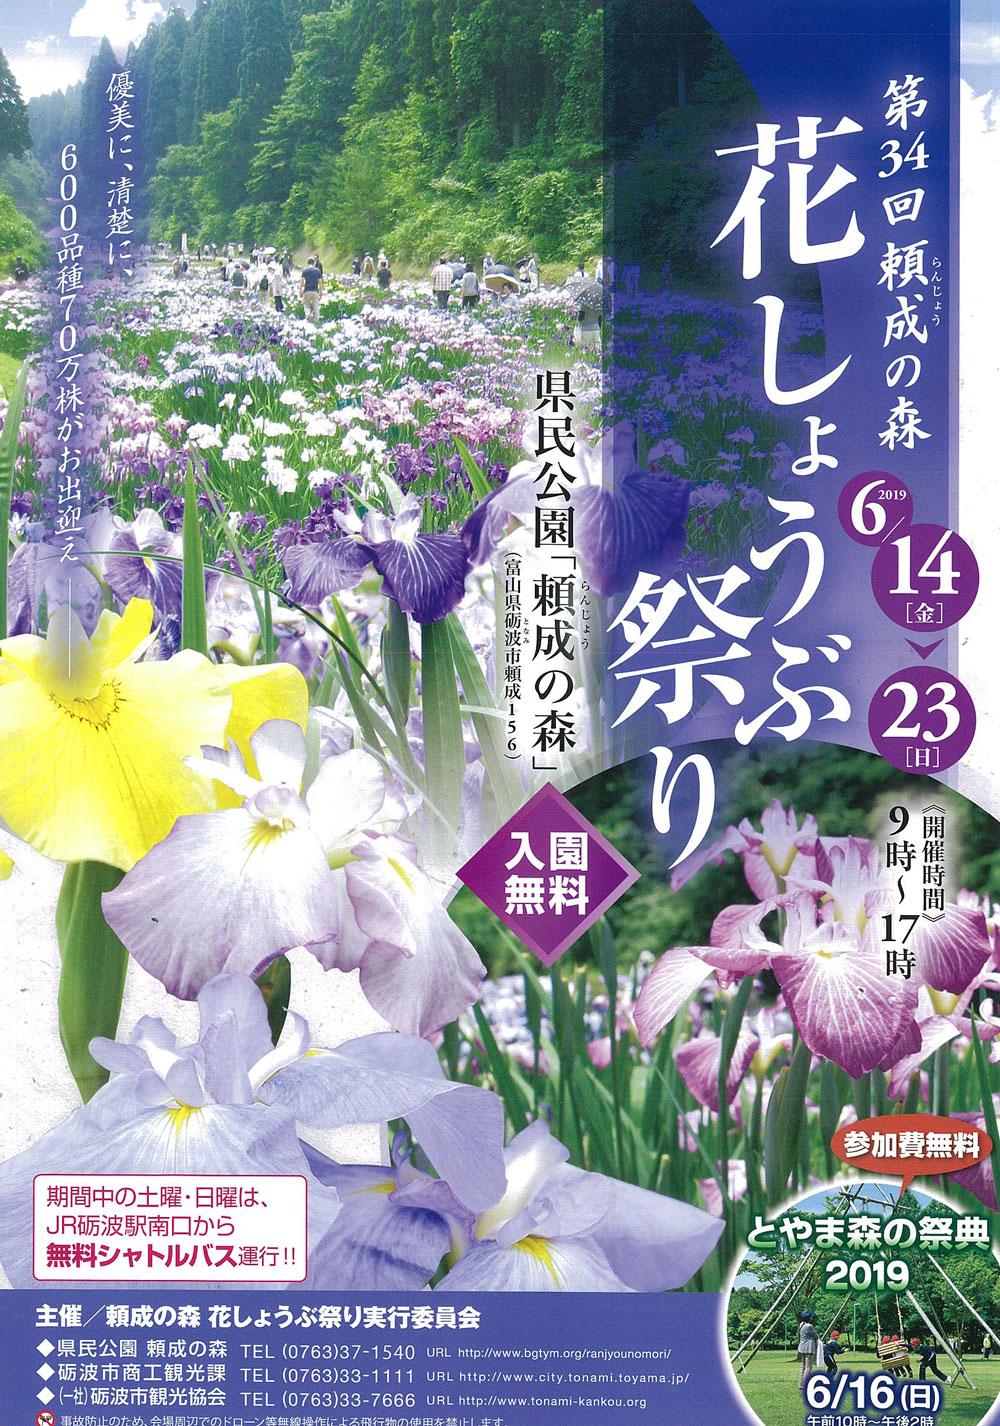 砺波市の花しょうぶ祭り2019のチラシ